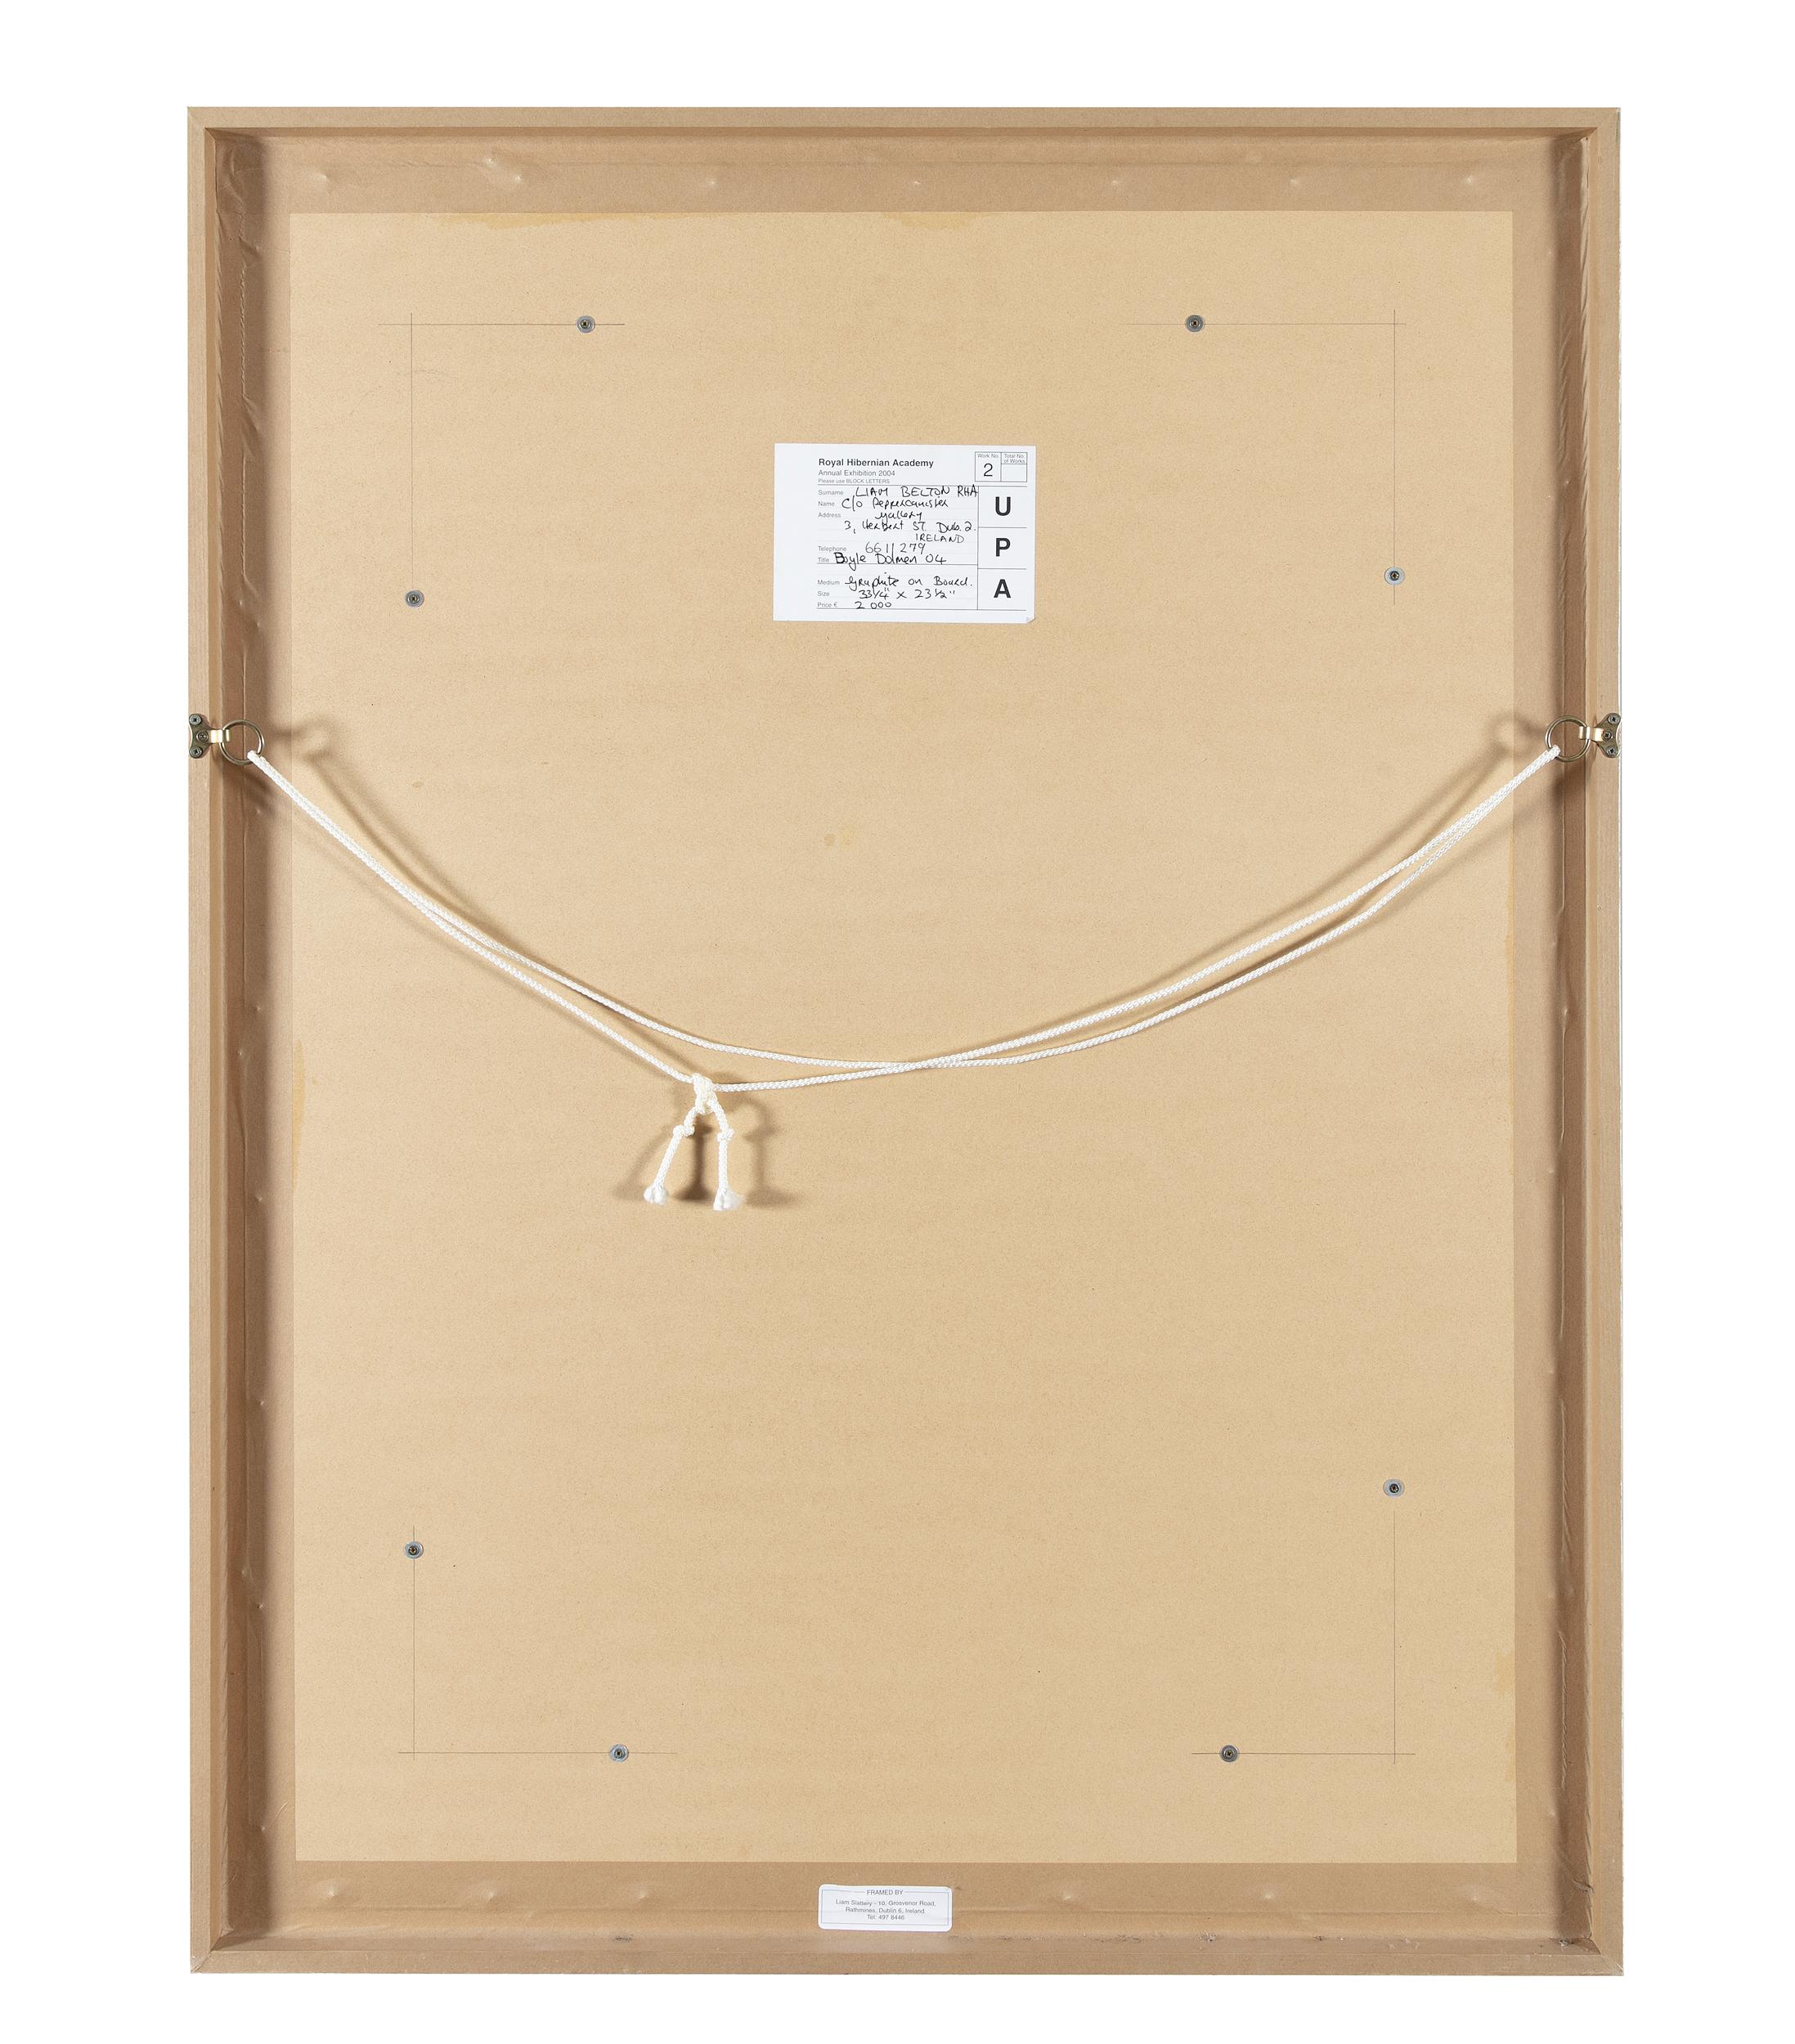 Liam Belton RHA (b.1947)Boyle DolmenGraphite on board, 84 x 60cm (33 x 23¾)SignedExhibited: RHA - Image 4 of 4